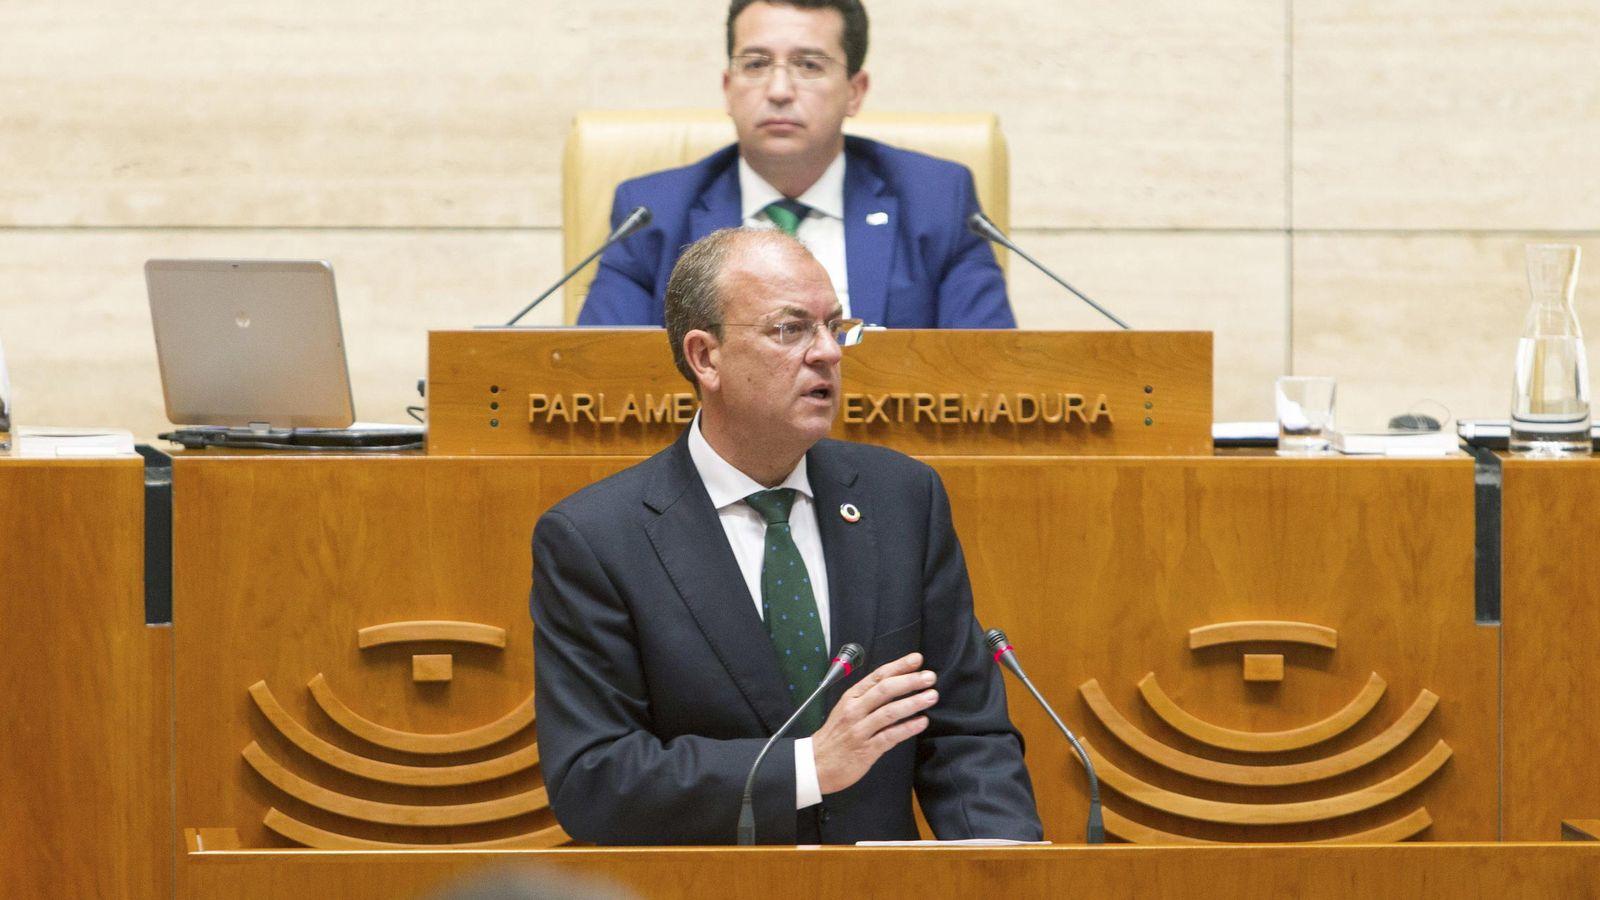 Foto: El presidente extremeño, José Antonio Monago (EFE)